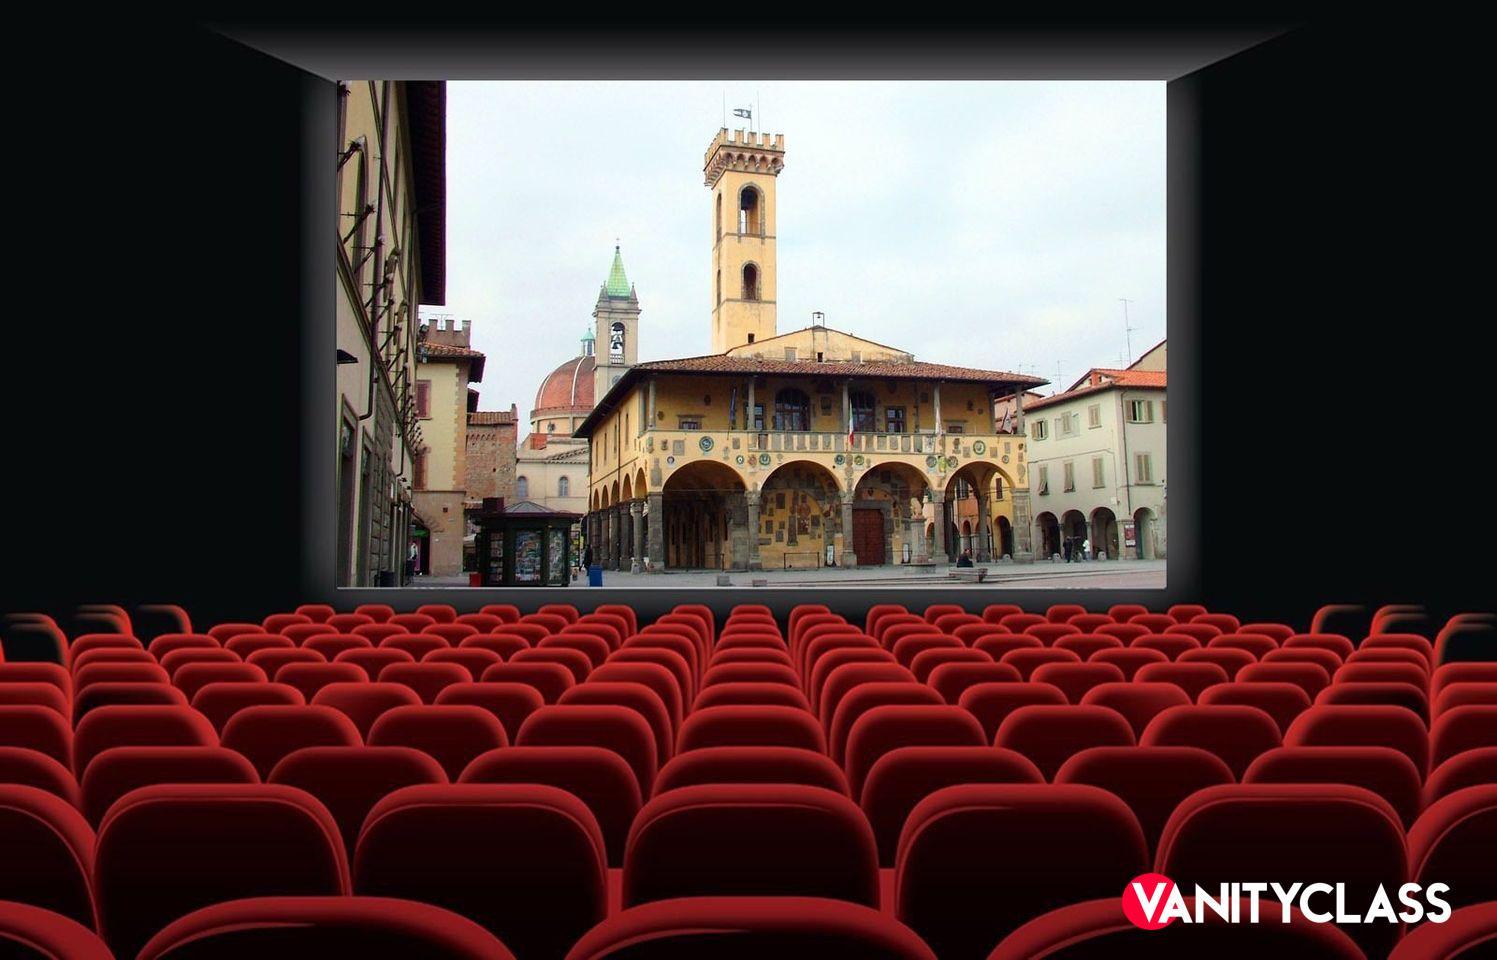 Valdarno Cinema Film Festival: aperte le iscrizioni per la 39esima edizione